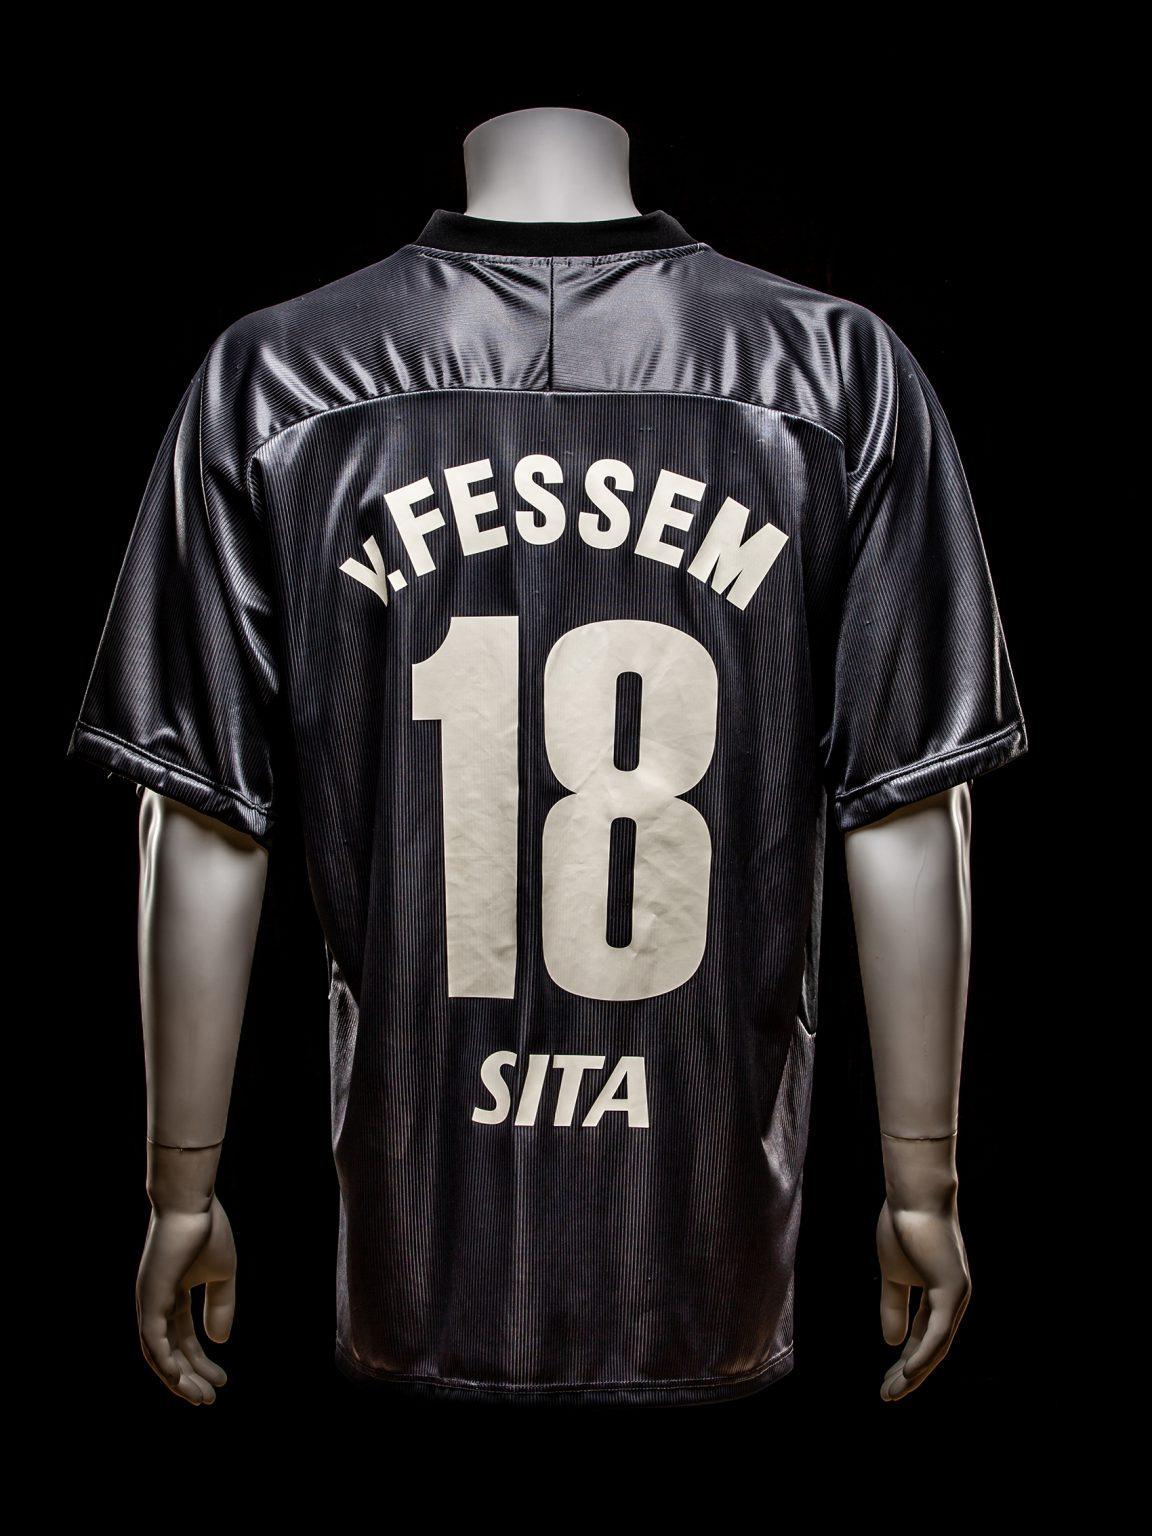 #18 Jim van Vessem